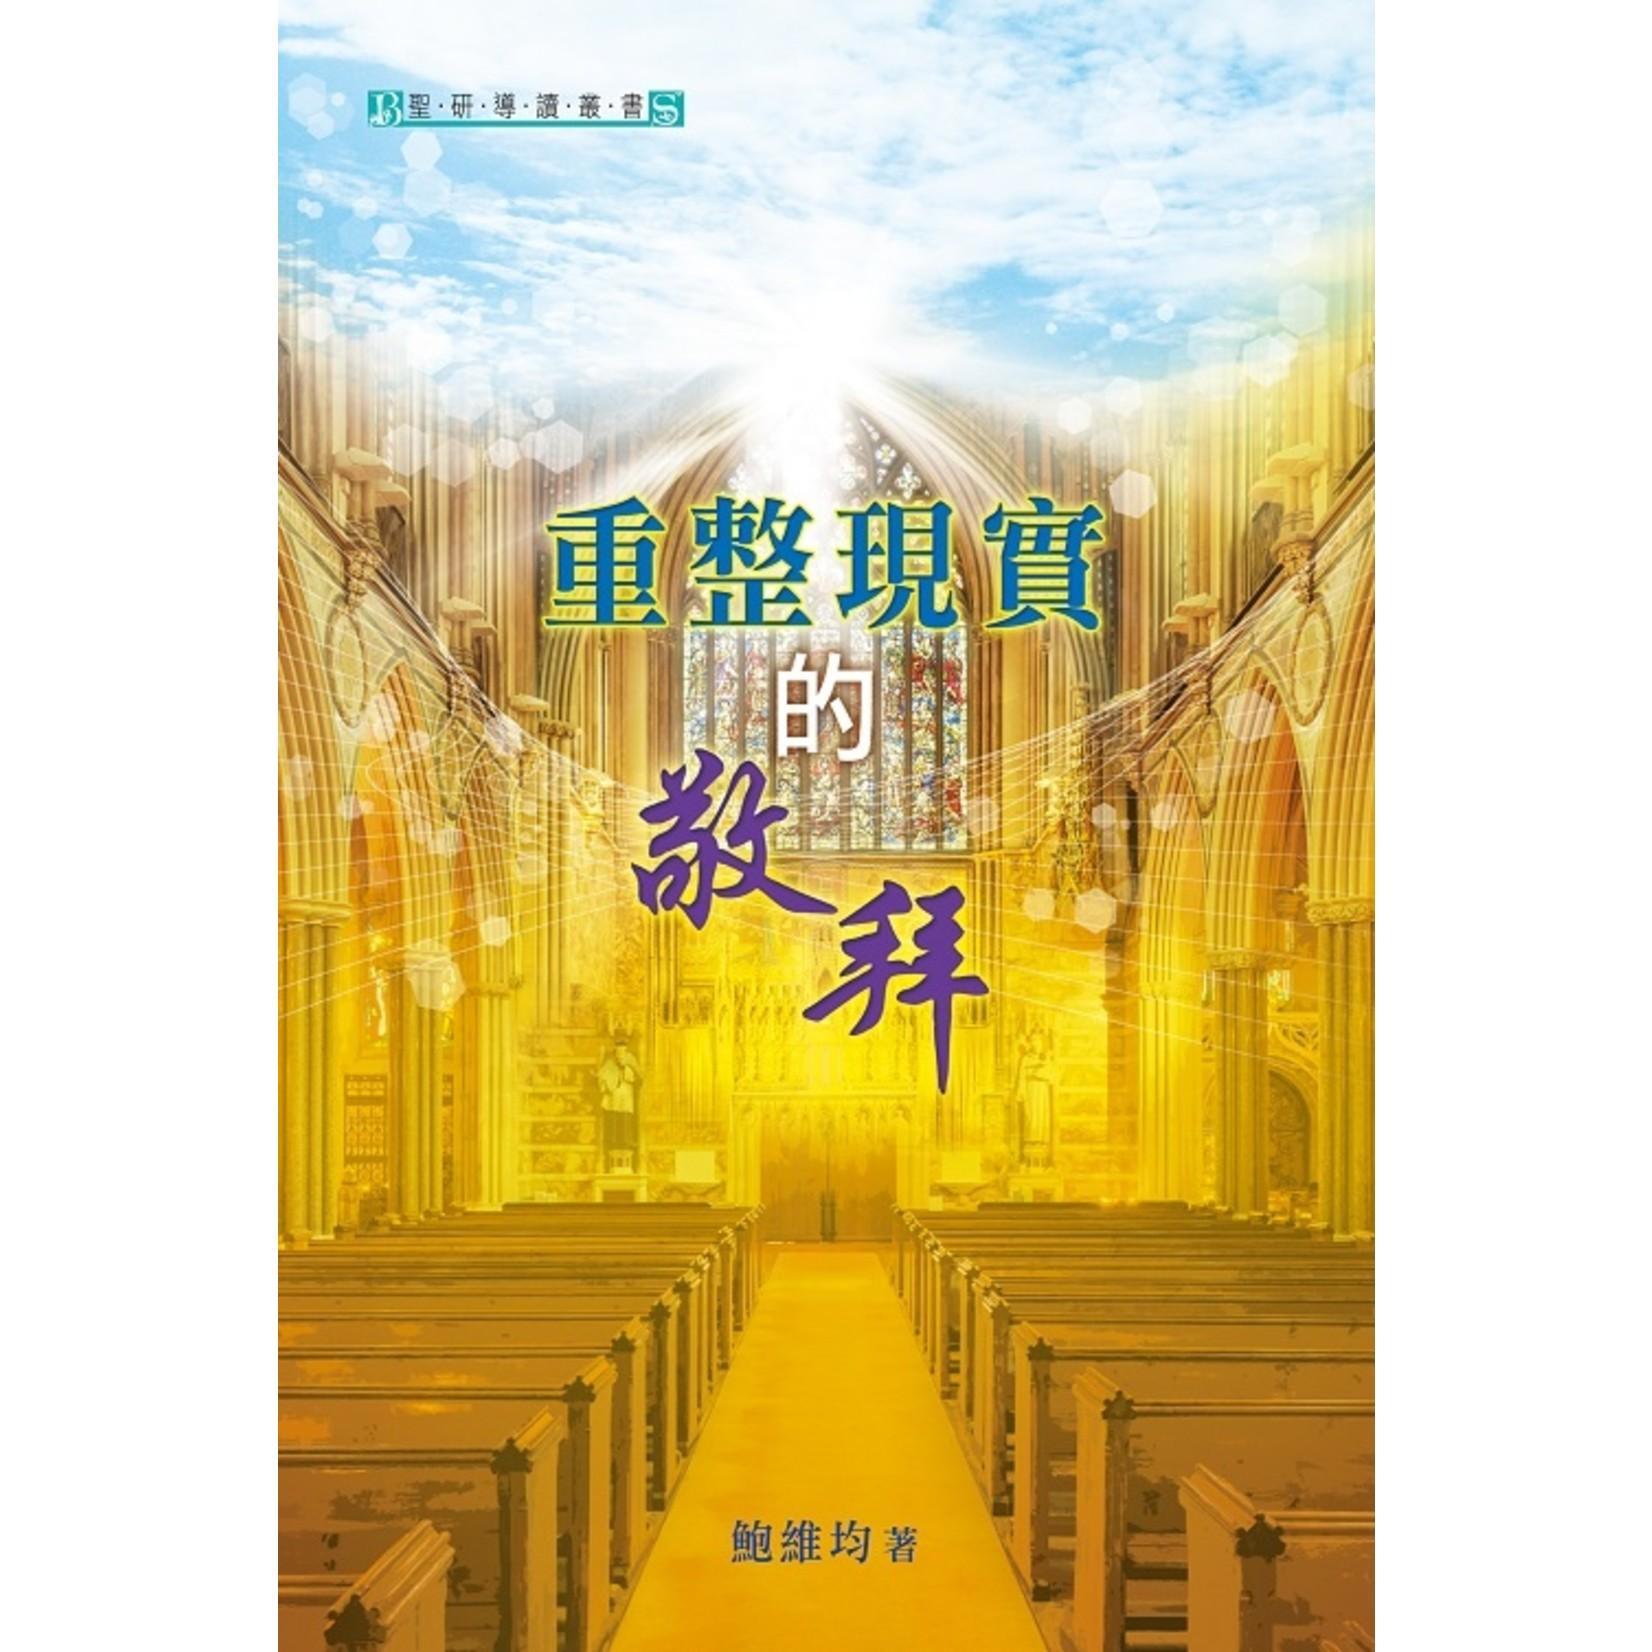 天道書樓 Tien Dao Publishing House 重整現實的敬拜